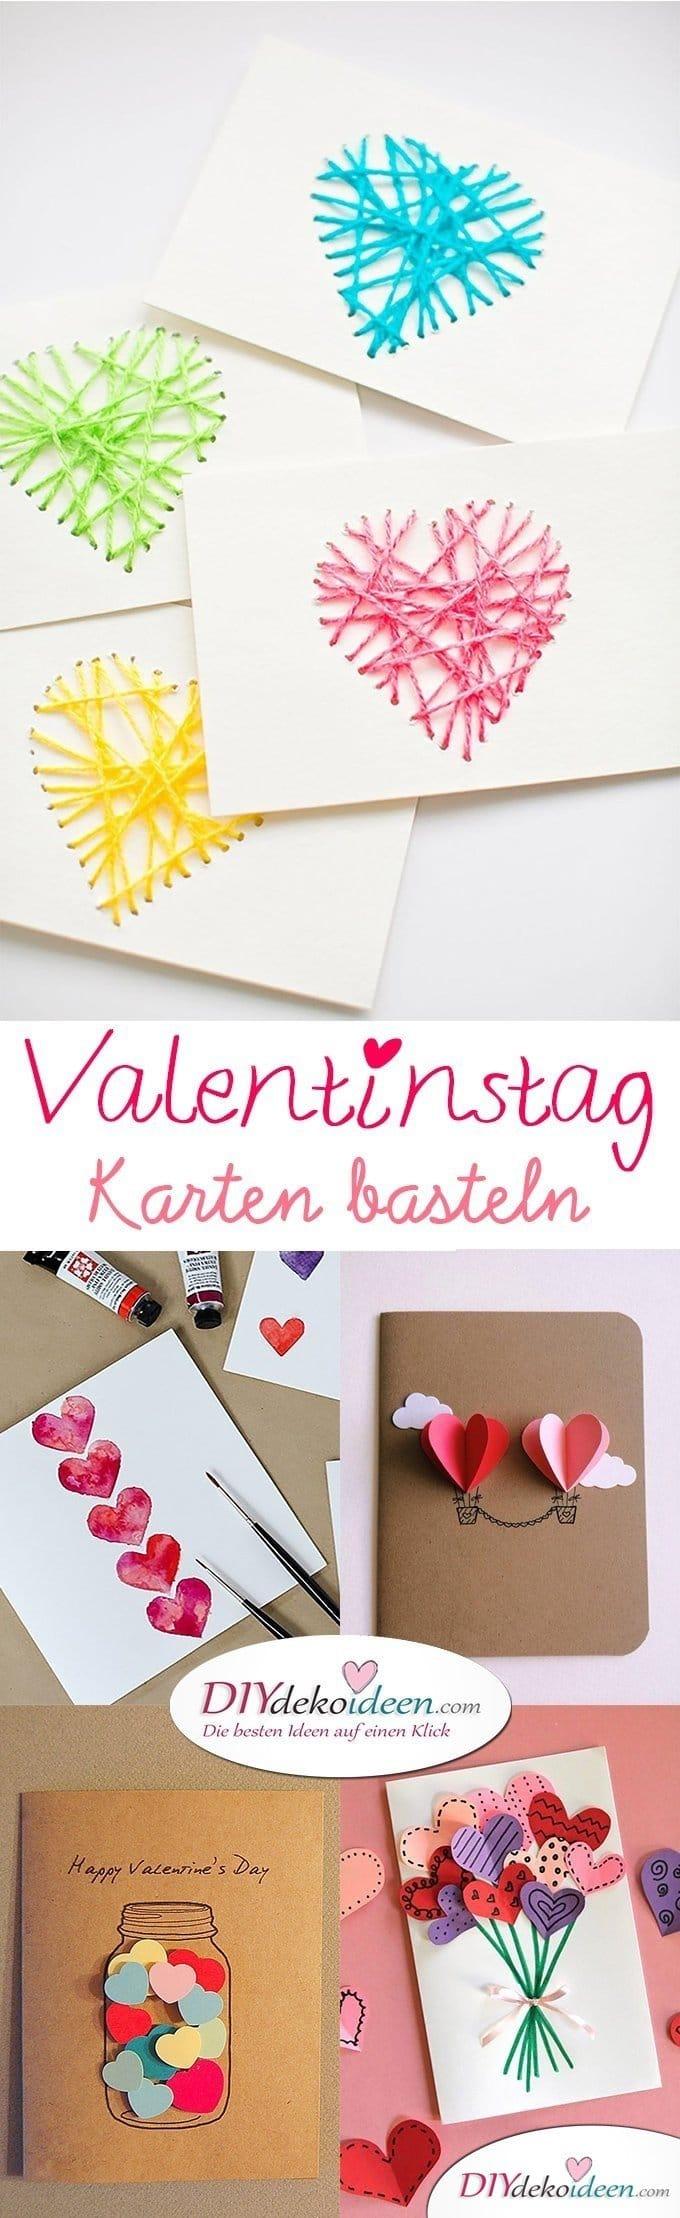 Valentinstag Karten basteln, Valentinstag, Valentinstag basteln, Valentinstag Bastelideen, DIY Bastelideen, romantisch, Karten basteln